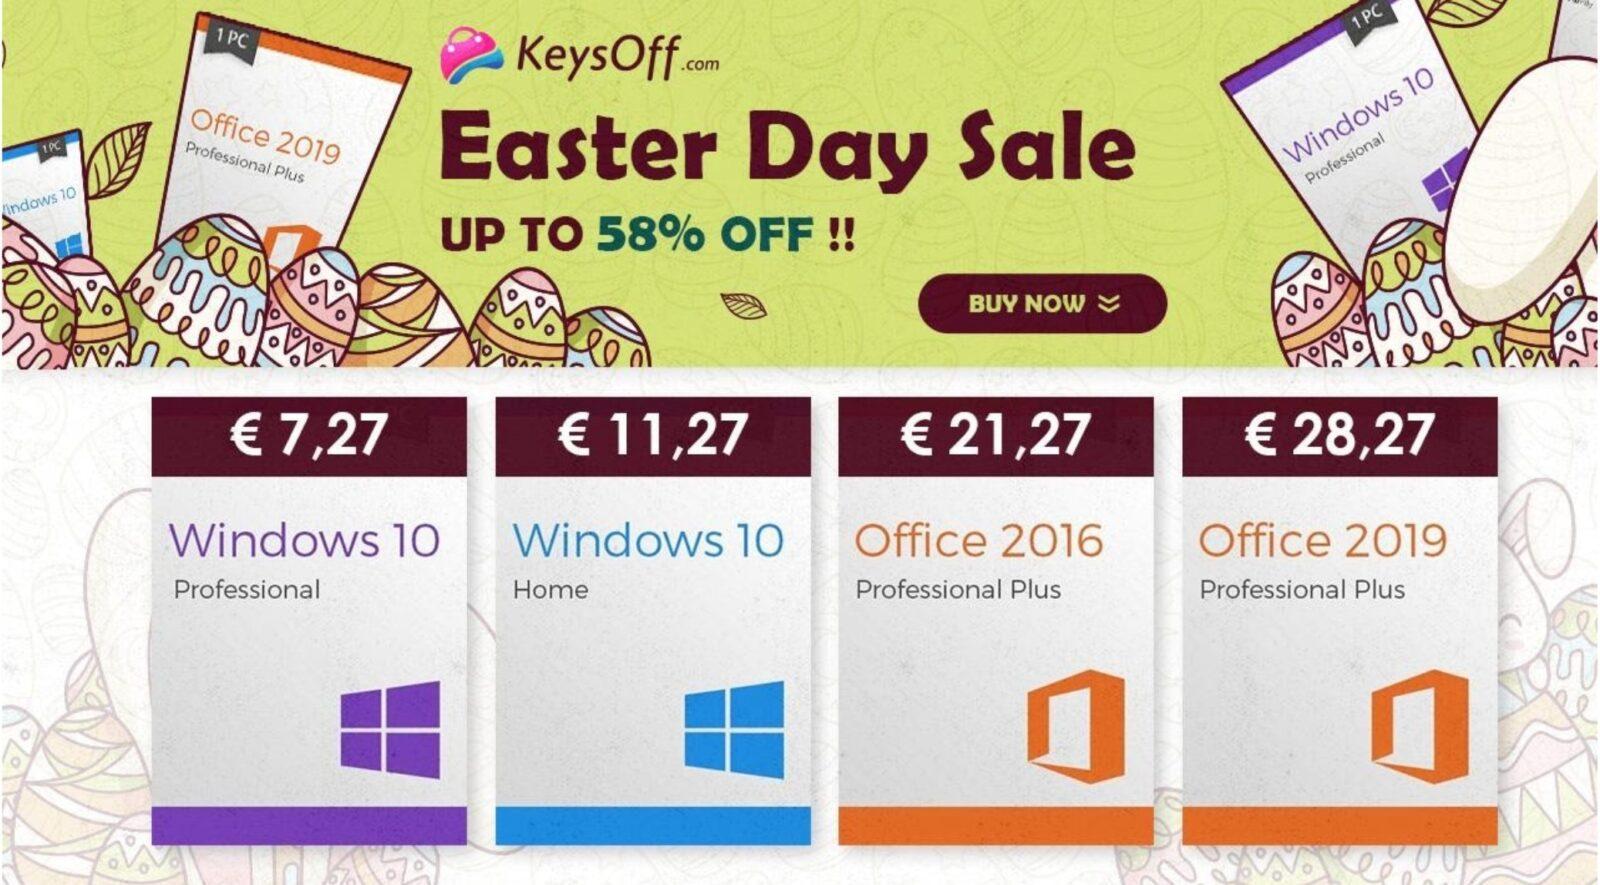 Sconti Pasquali Microsoft: Windows 10 Pro solo 5 €, Office 2019 Pro Plus solo 28 €